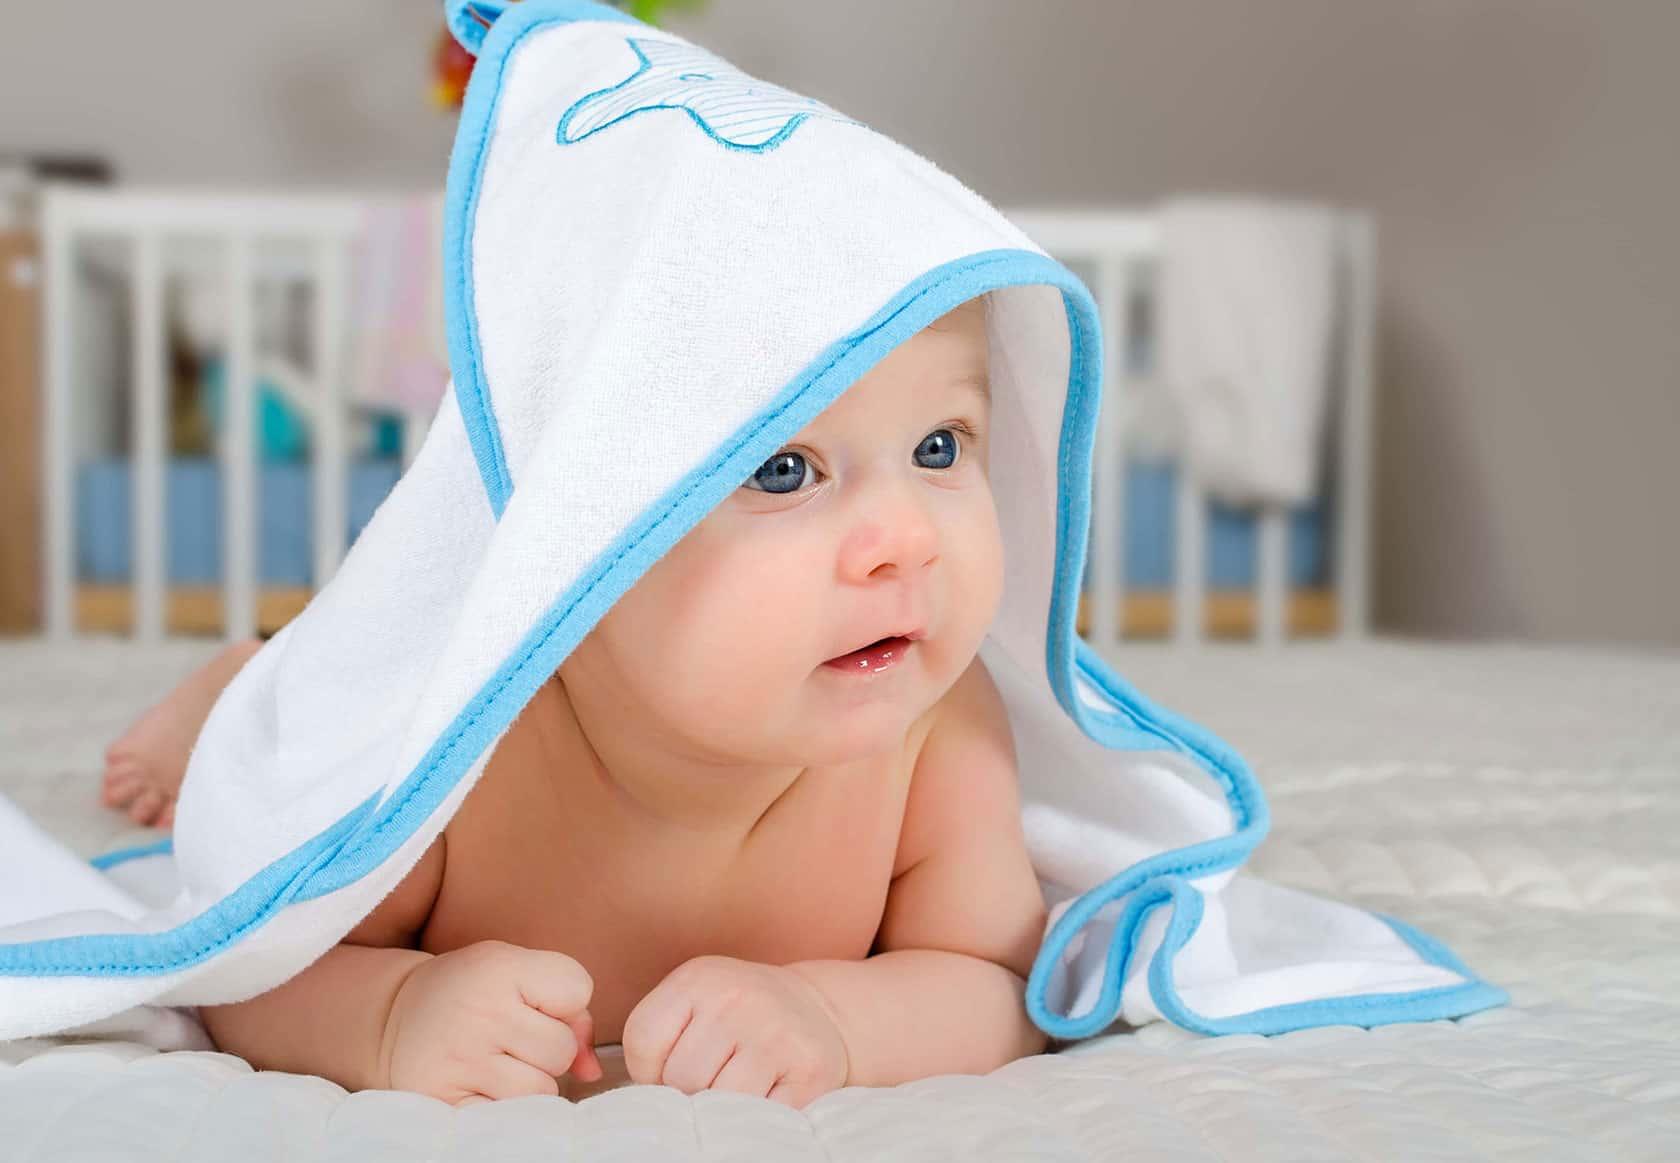 كيف نحوّل حمّام الطفل إلى وقت ممتع ومميّز